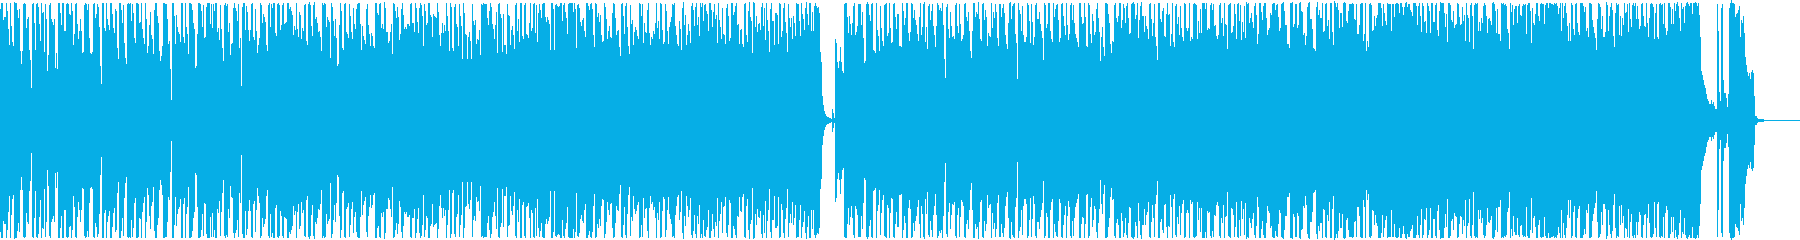 疾走感溢れるハードロック調イントロの再生済みの波形